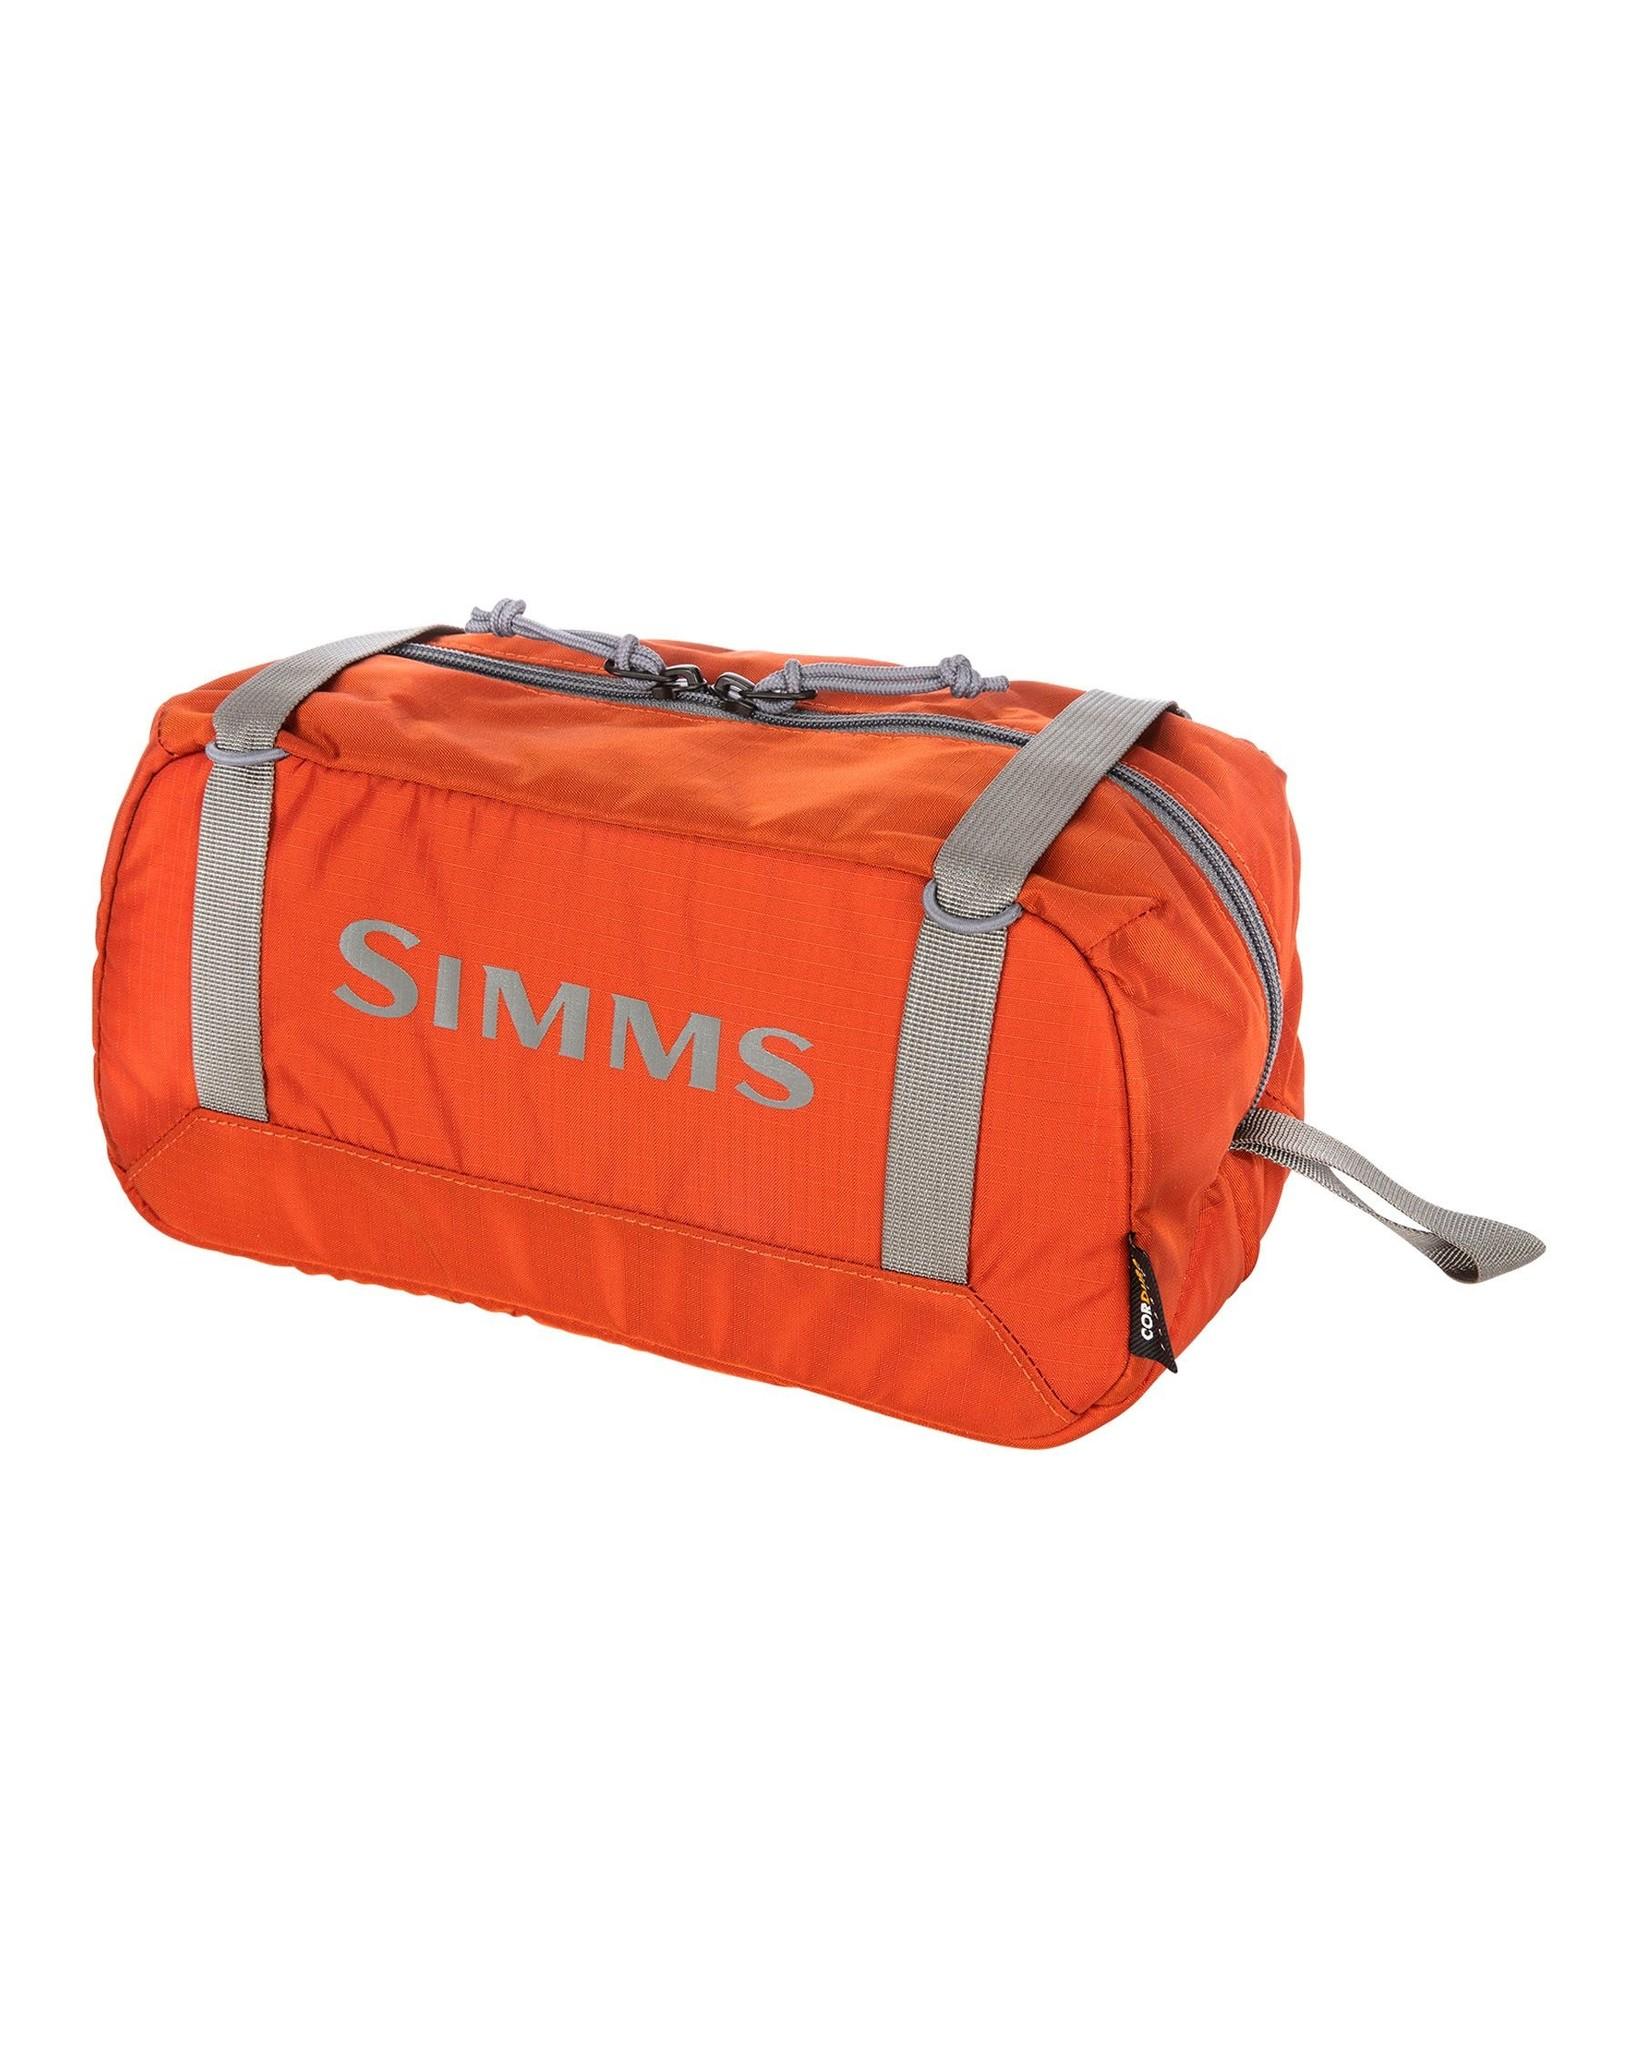 SIMMS SIMMS GTS PADDED CUBE - MEDIUM